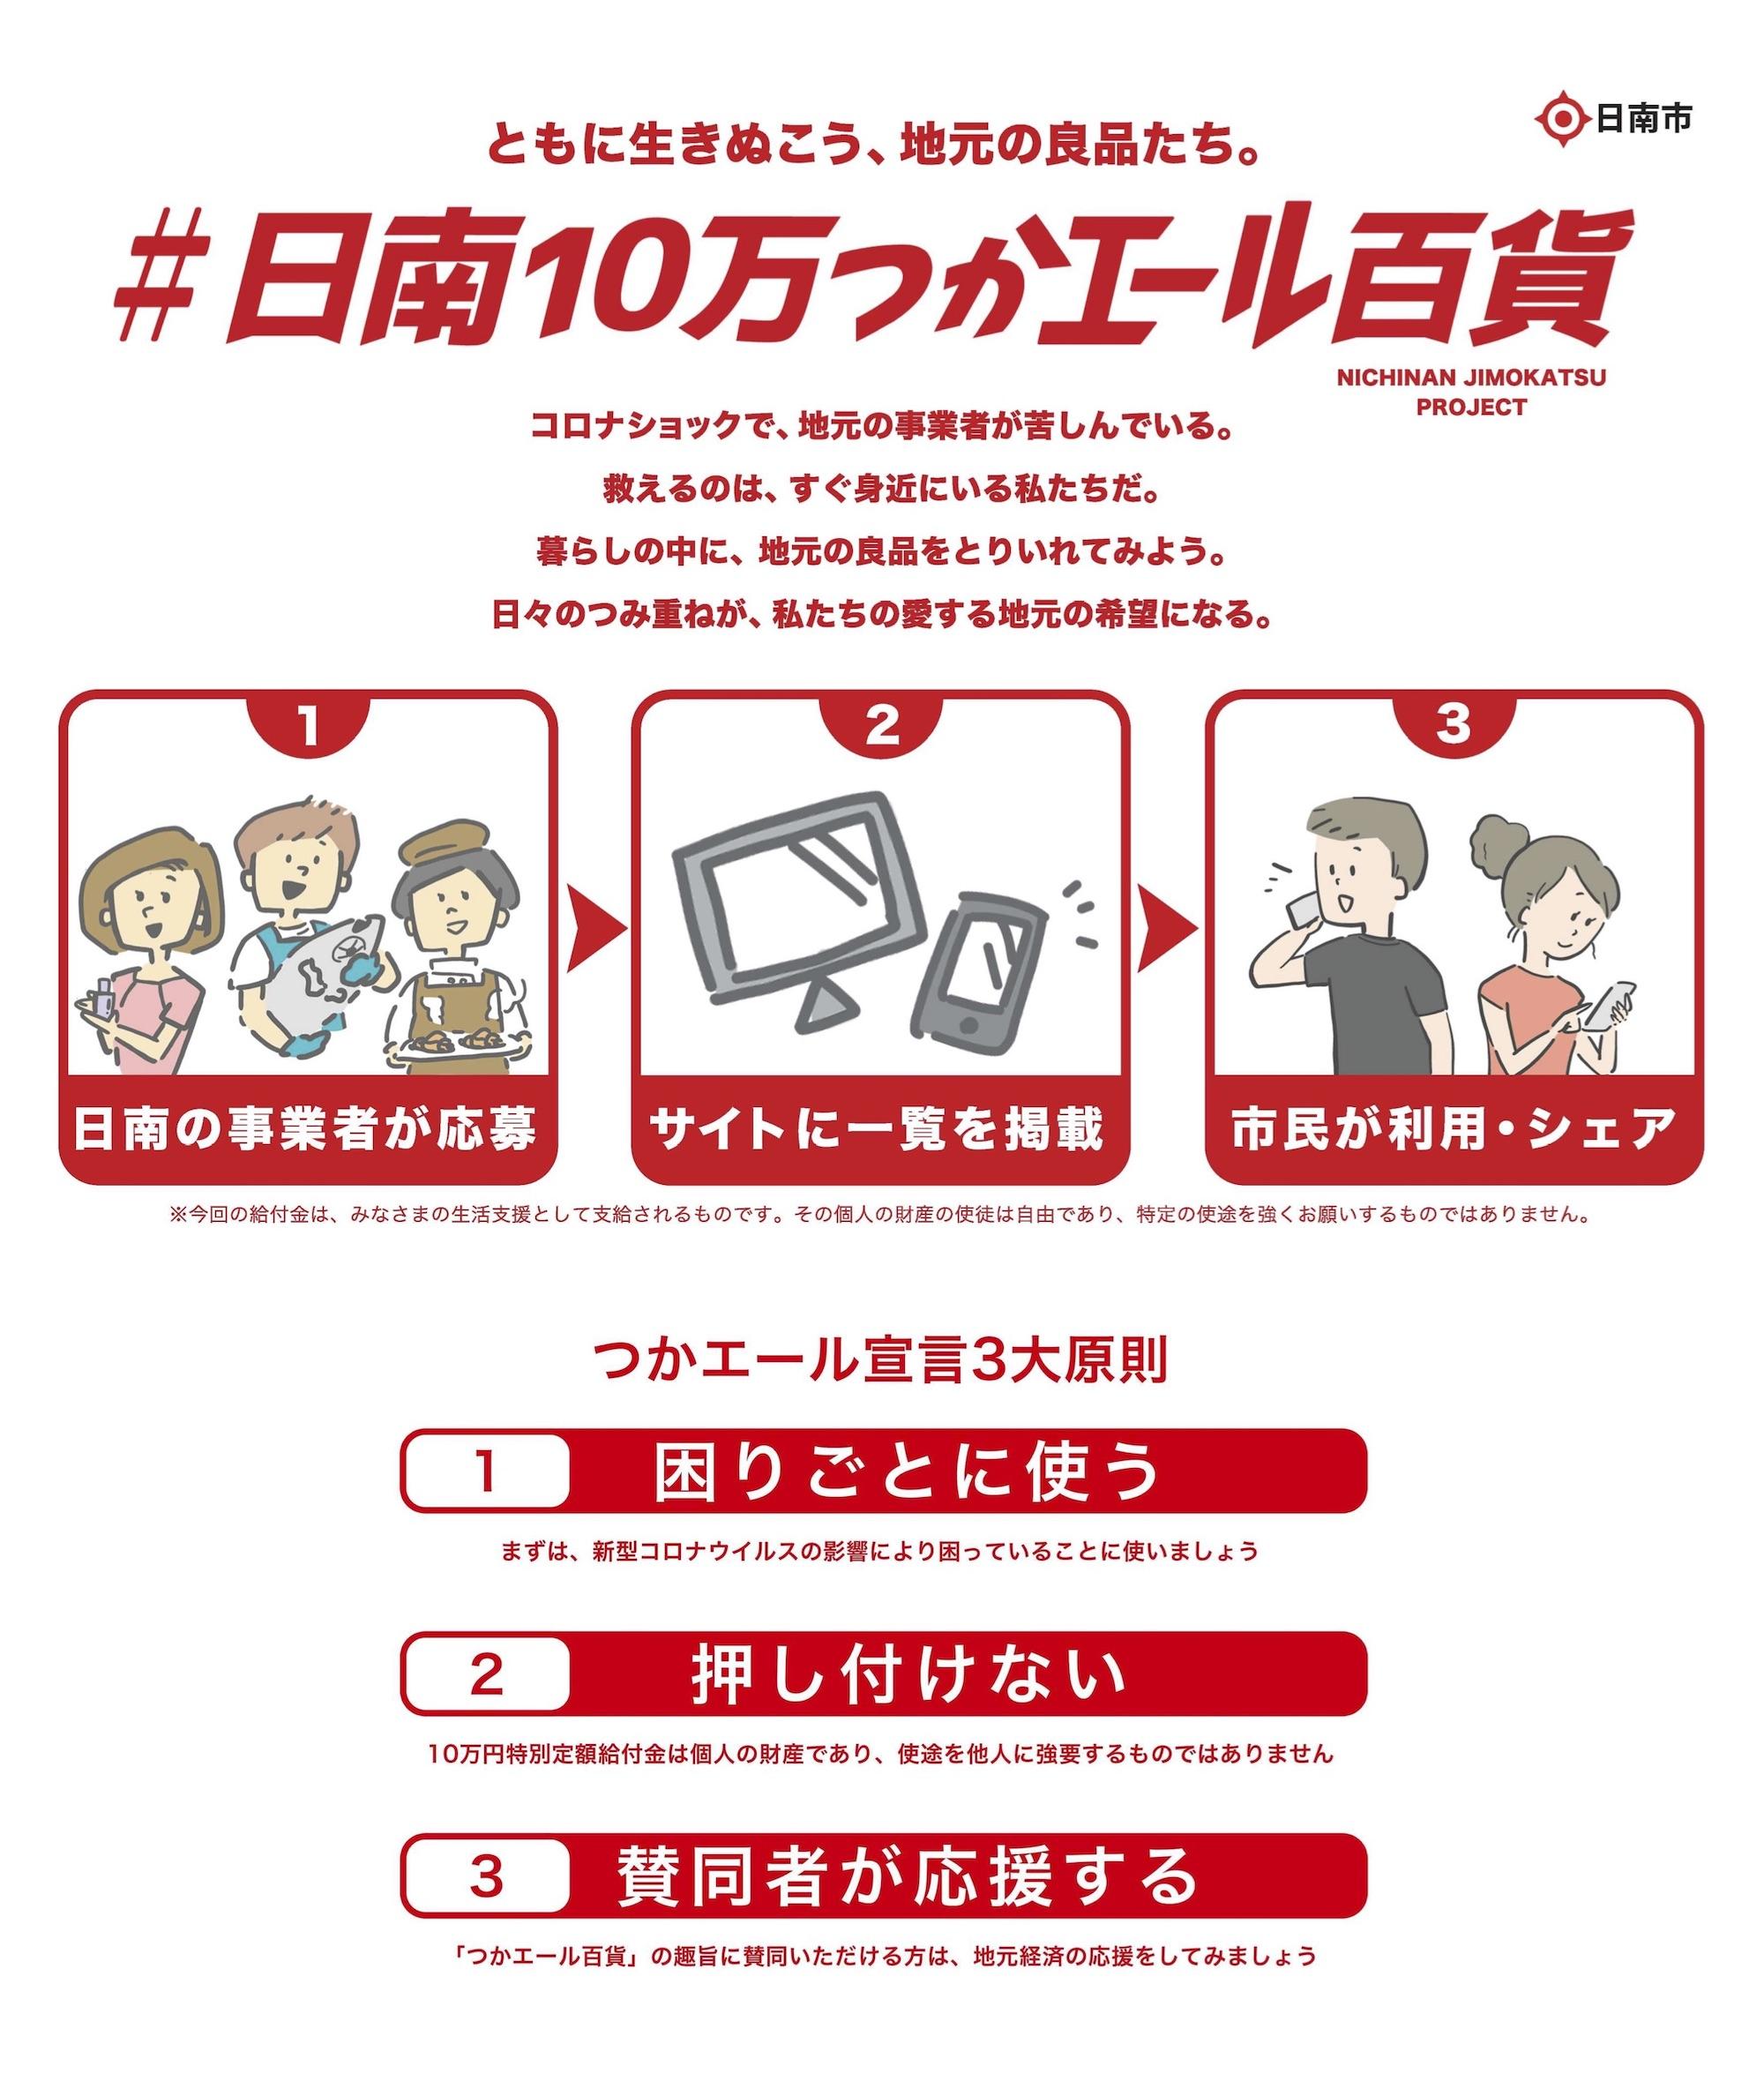 #日南10万つかエール百貨